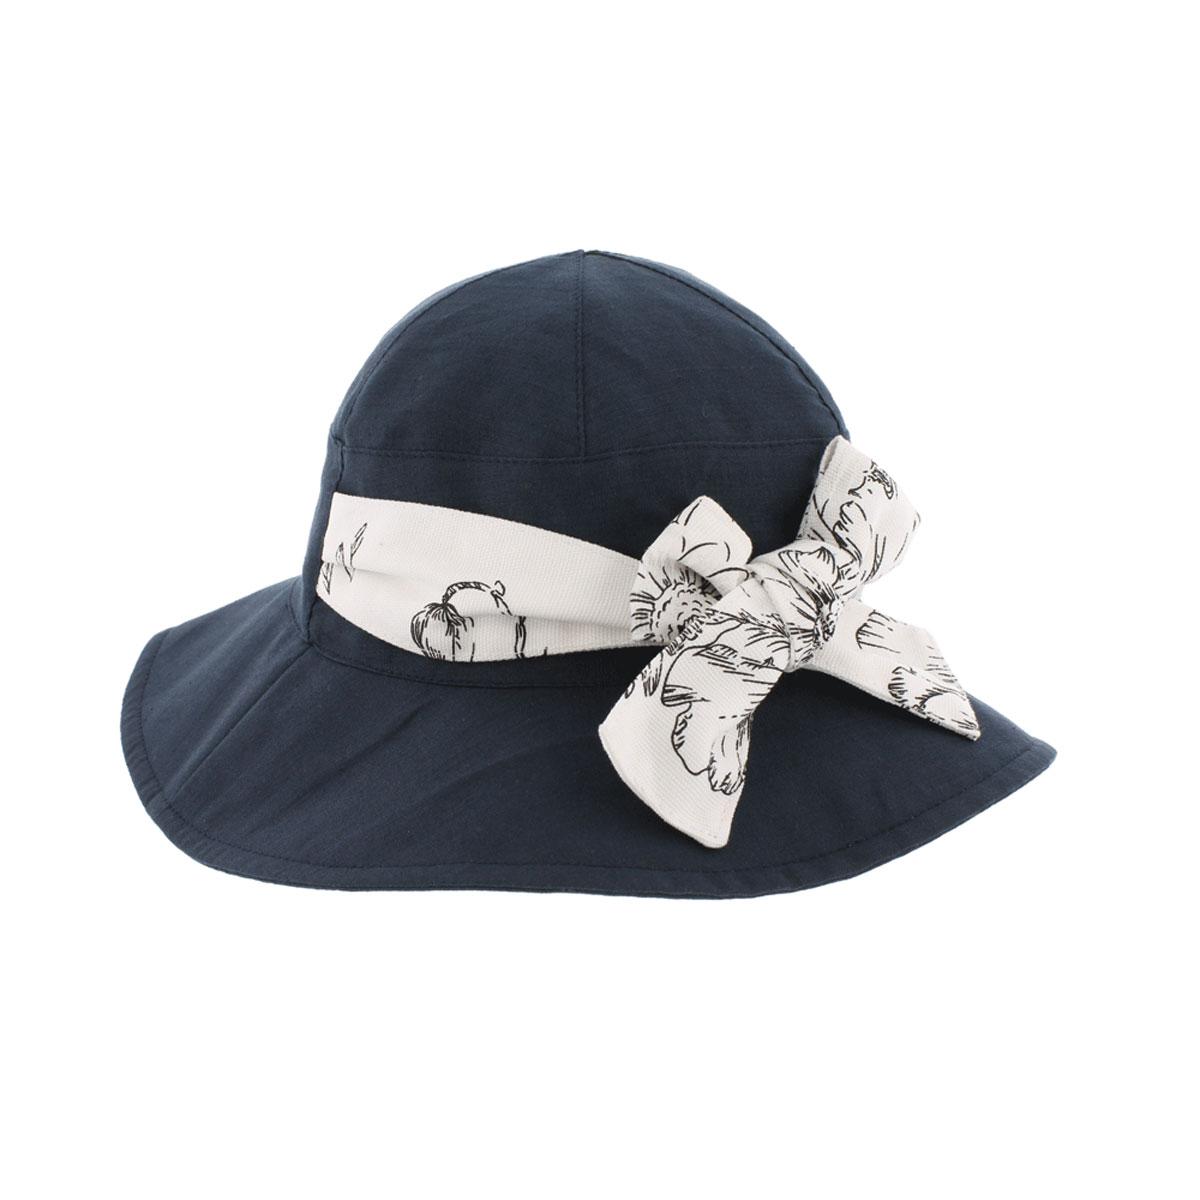 Шляпа77-080-34Легкая шляпа R.Mountain выполнена из натурального льна и хлопка. Яркая и стильная модель с широкой контрастной лентой вокруг тульи и восхитительным бантом. Эта шляпка подойдет к вашему пляжному летнему образу и защитит от яркого солнца.